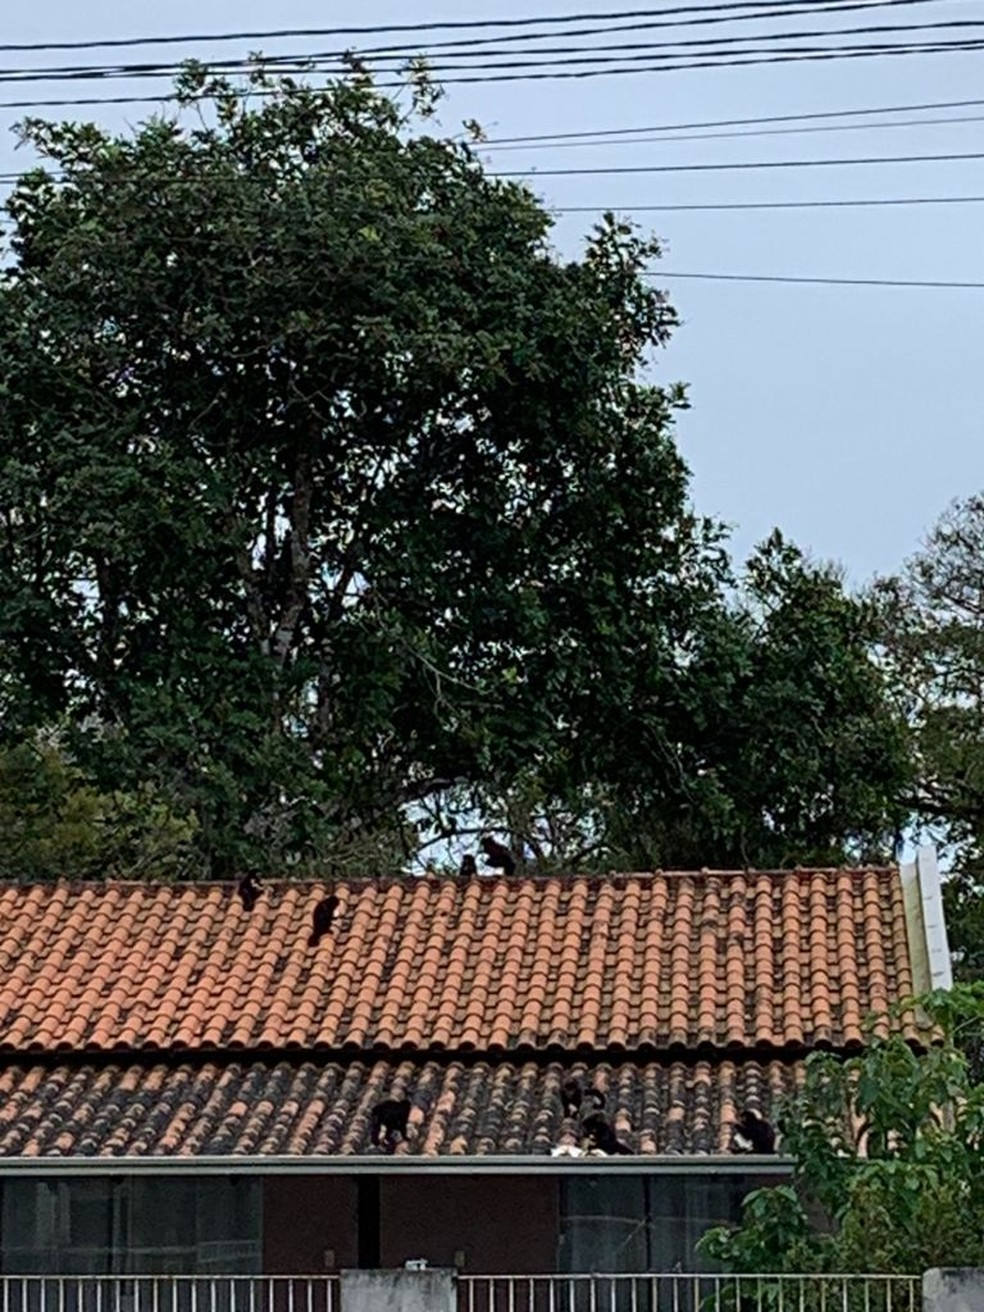 Macacos no telhado após furto de pão em São Francisco do Sul — Foto: Mateus Fernandes/Arquivo pessoal